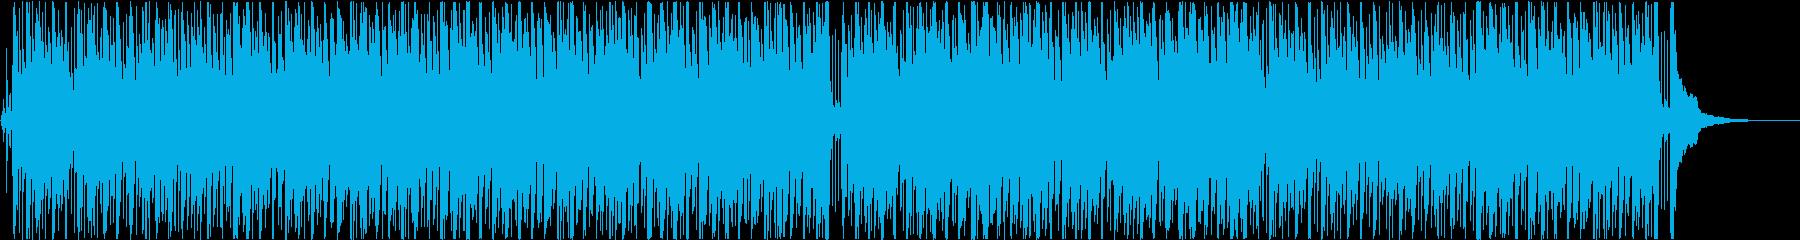 滑らか ジャズ フュージョン ポジ...の再生済みの波形